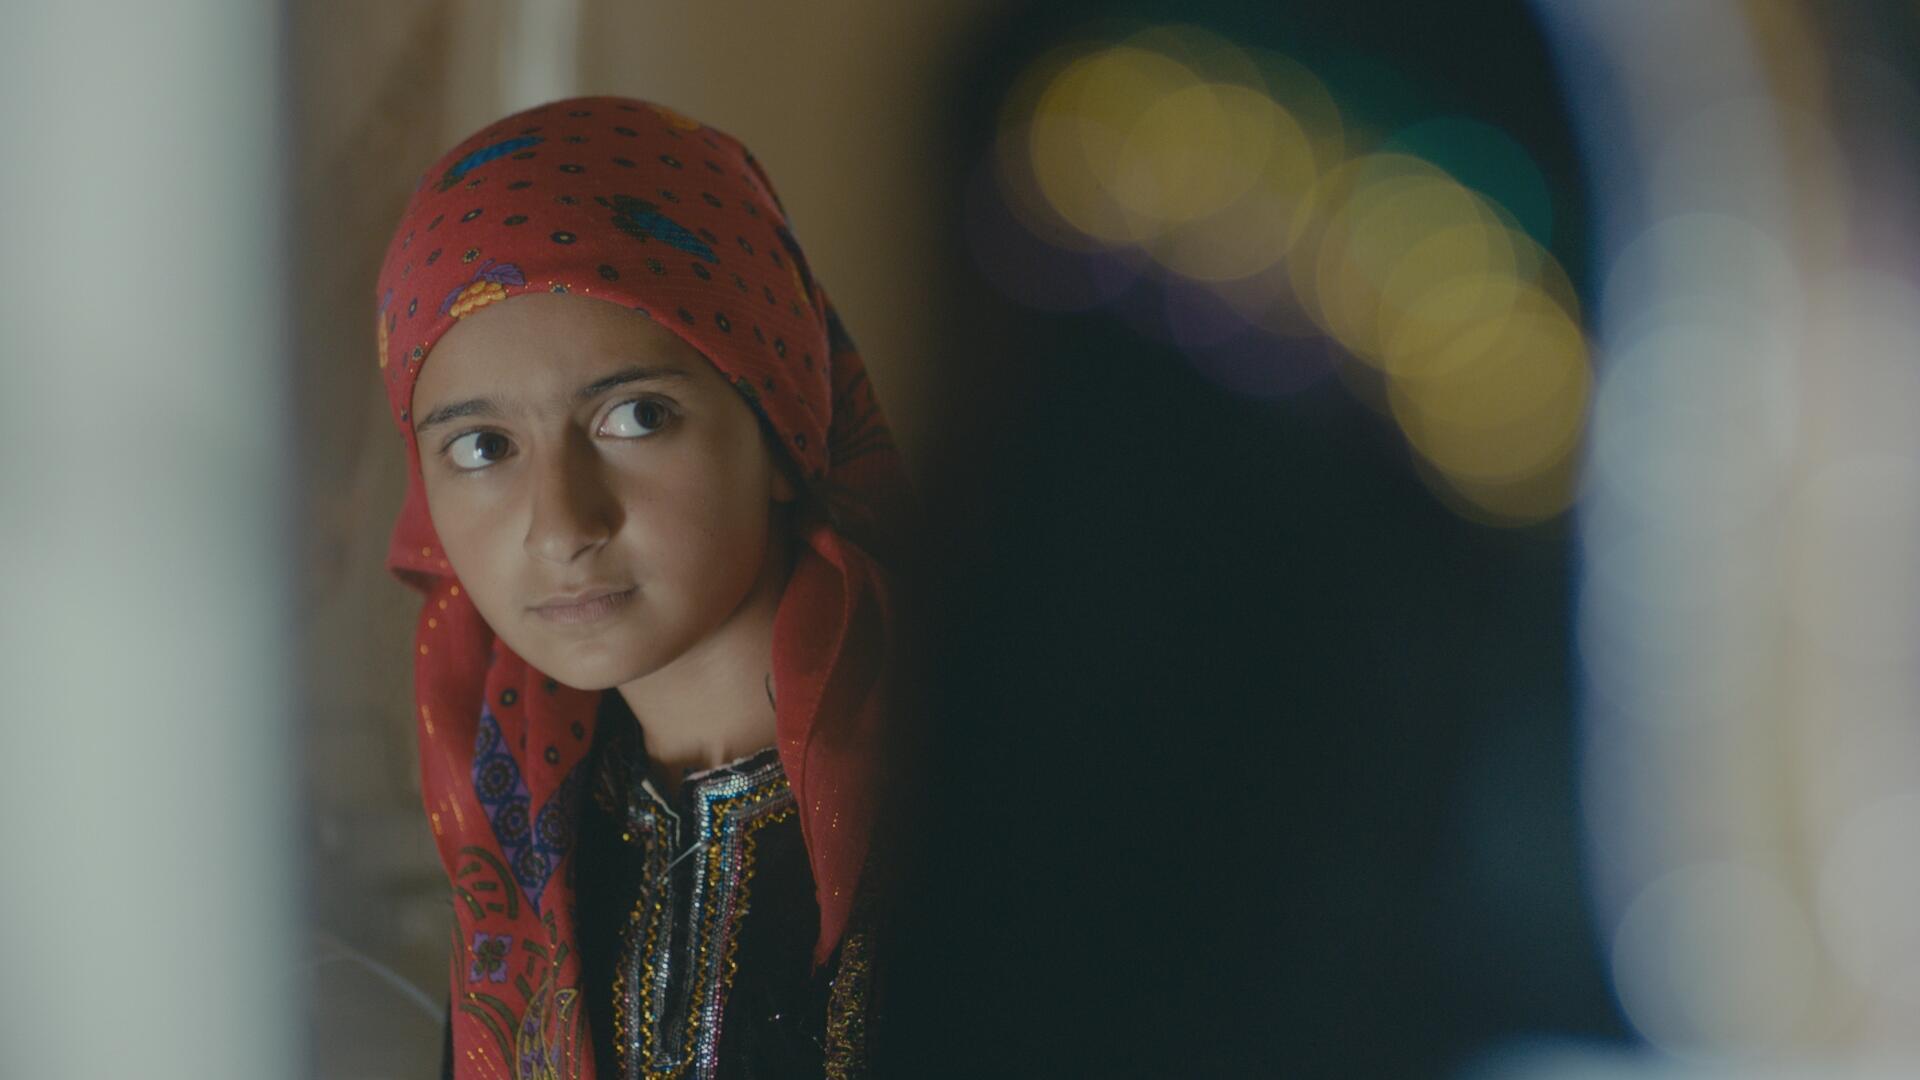 Dans le film de Khadija al-Salami, «Moi Nojoom, 10 ans, divorcée», c'est Reham Mohammed qui interprète Nojoom: jamais une fille aussi jeune n'avait obtenu le divorce au Yémen.